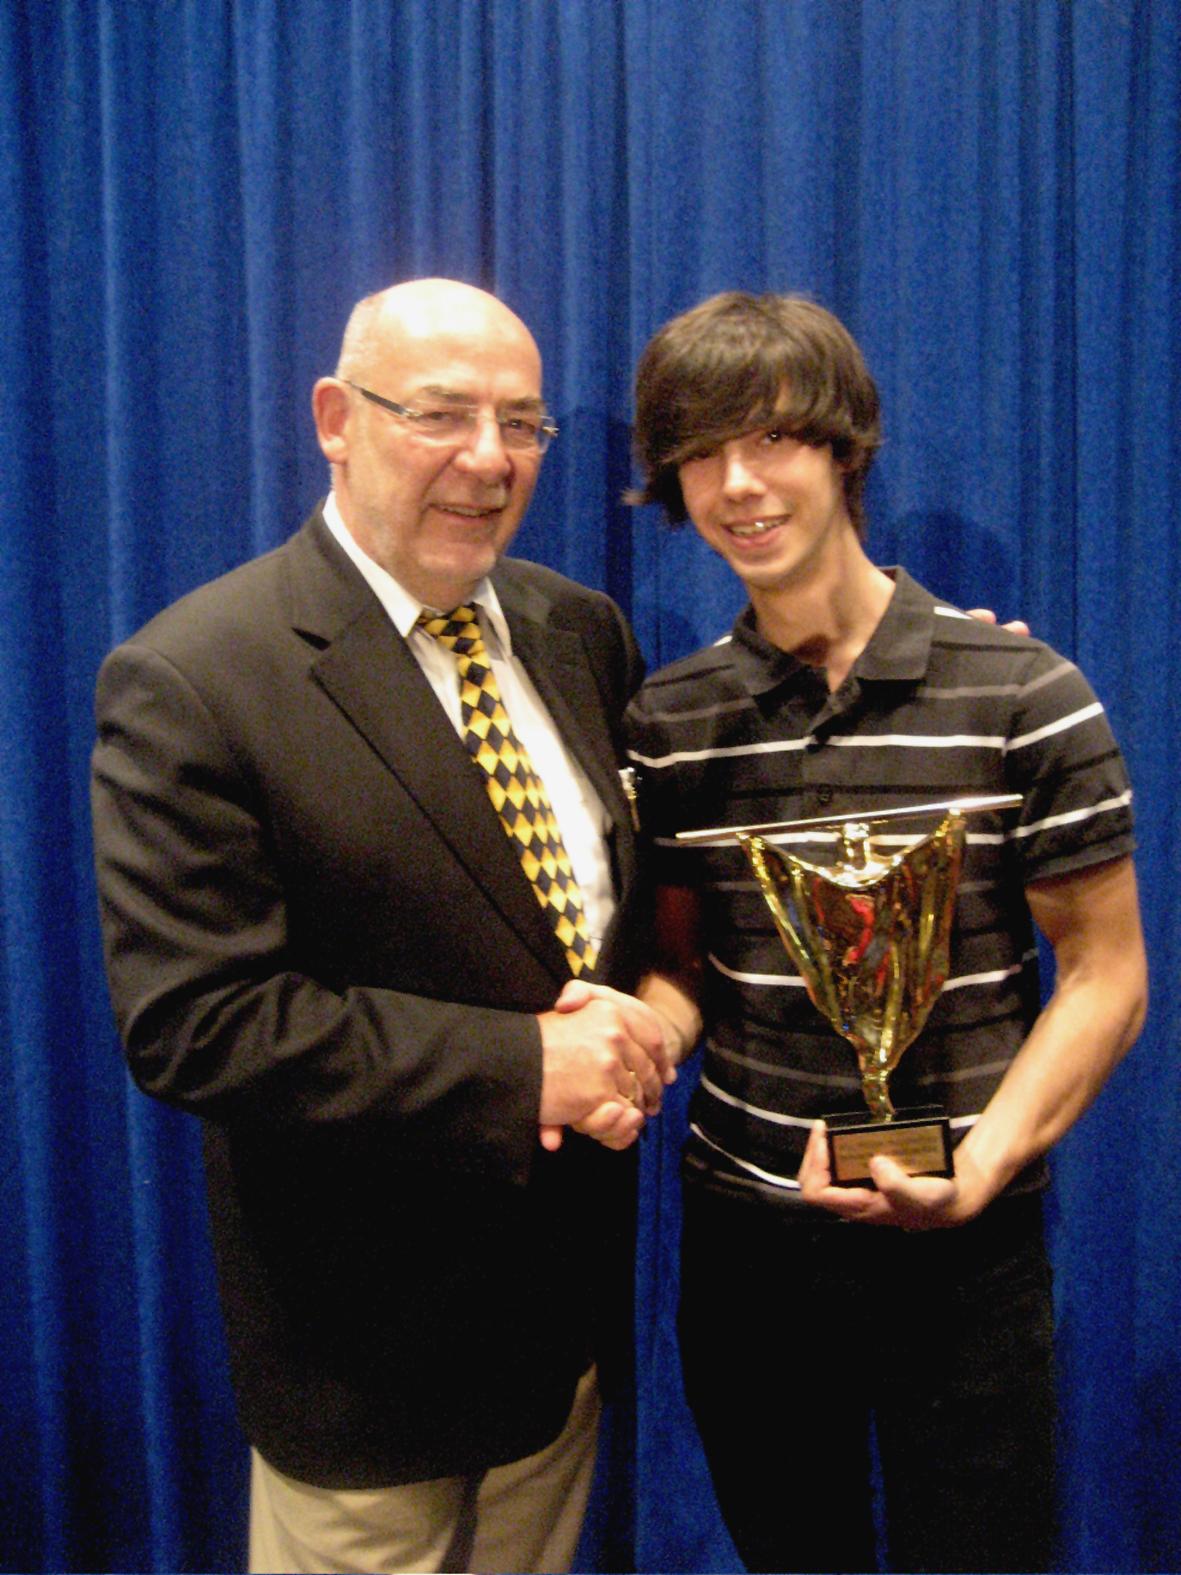 Alexander Merk aus Berlin gewinnt in zwei Sparten bei der Vorentscheidung zur Deutschen Meisterschaft der Zauberkunst